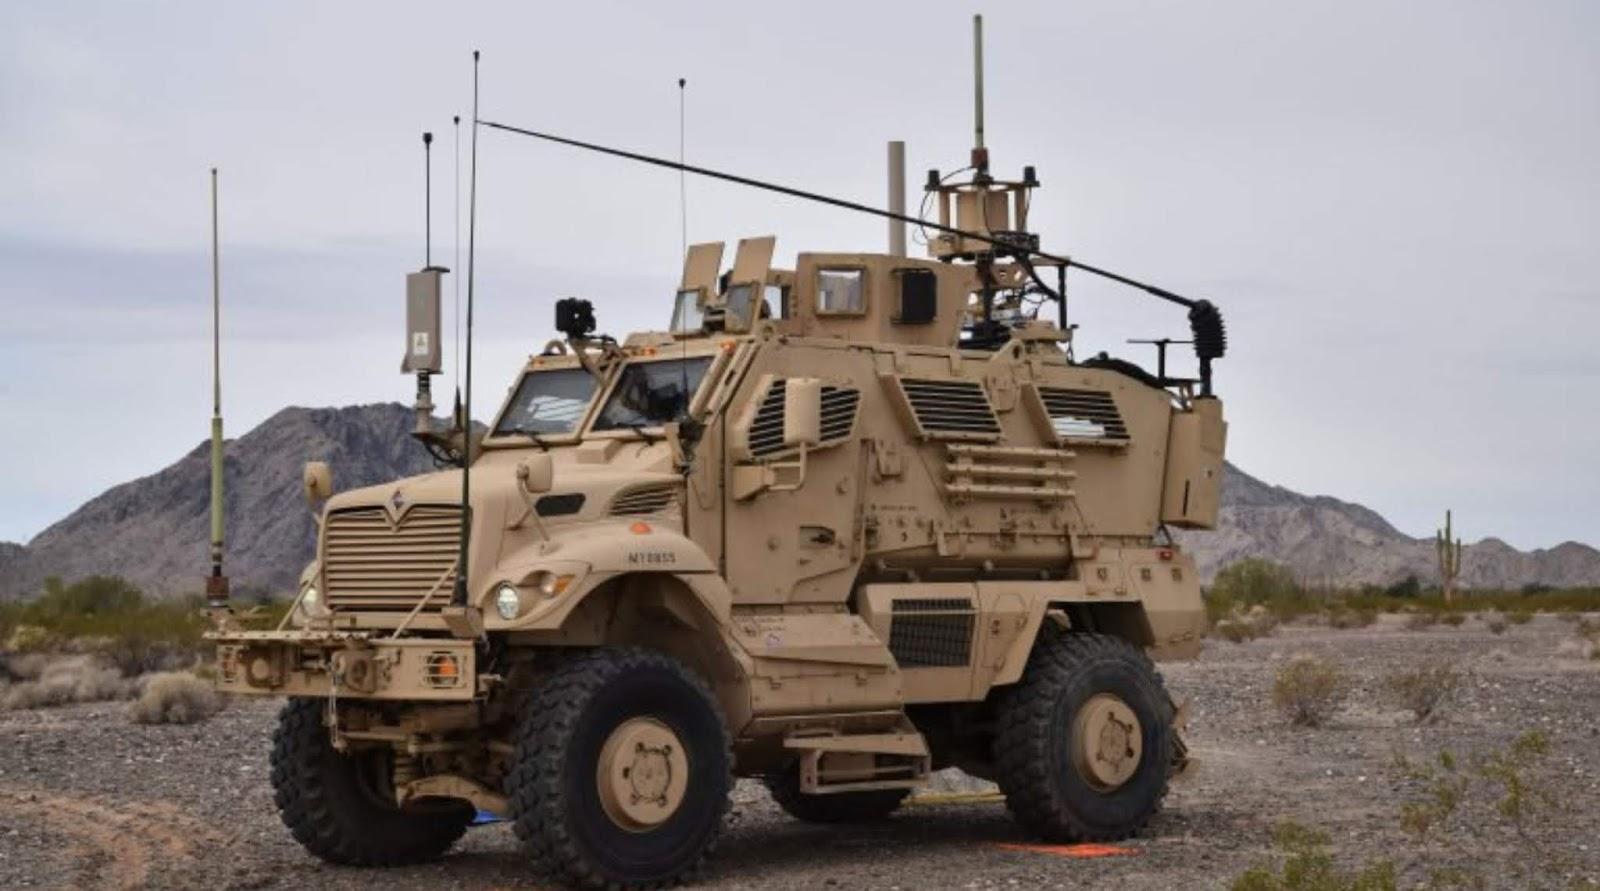 Amerika Serikat memperluas kehadiran militernya di Suriah